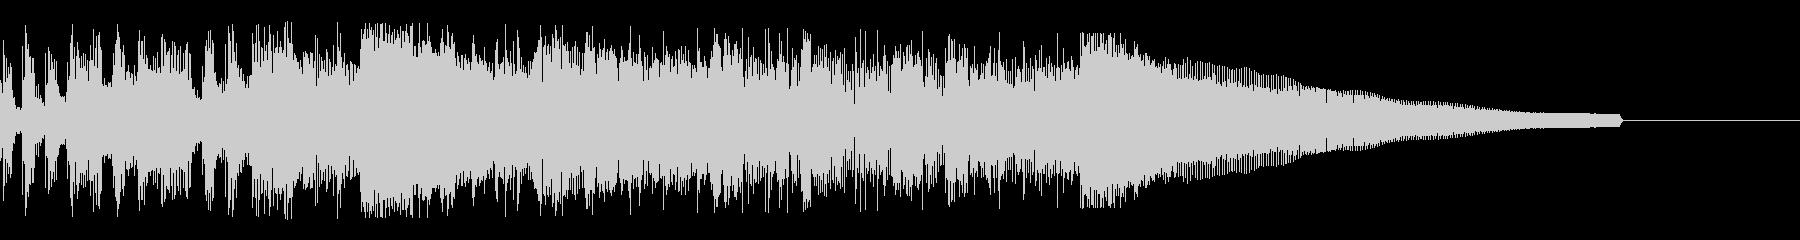 カントリー風ギターイントロ−04Bの未再生の波形